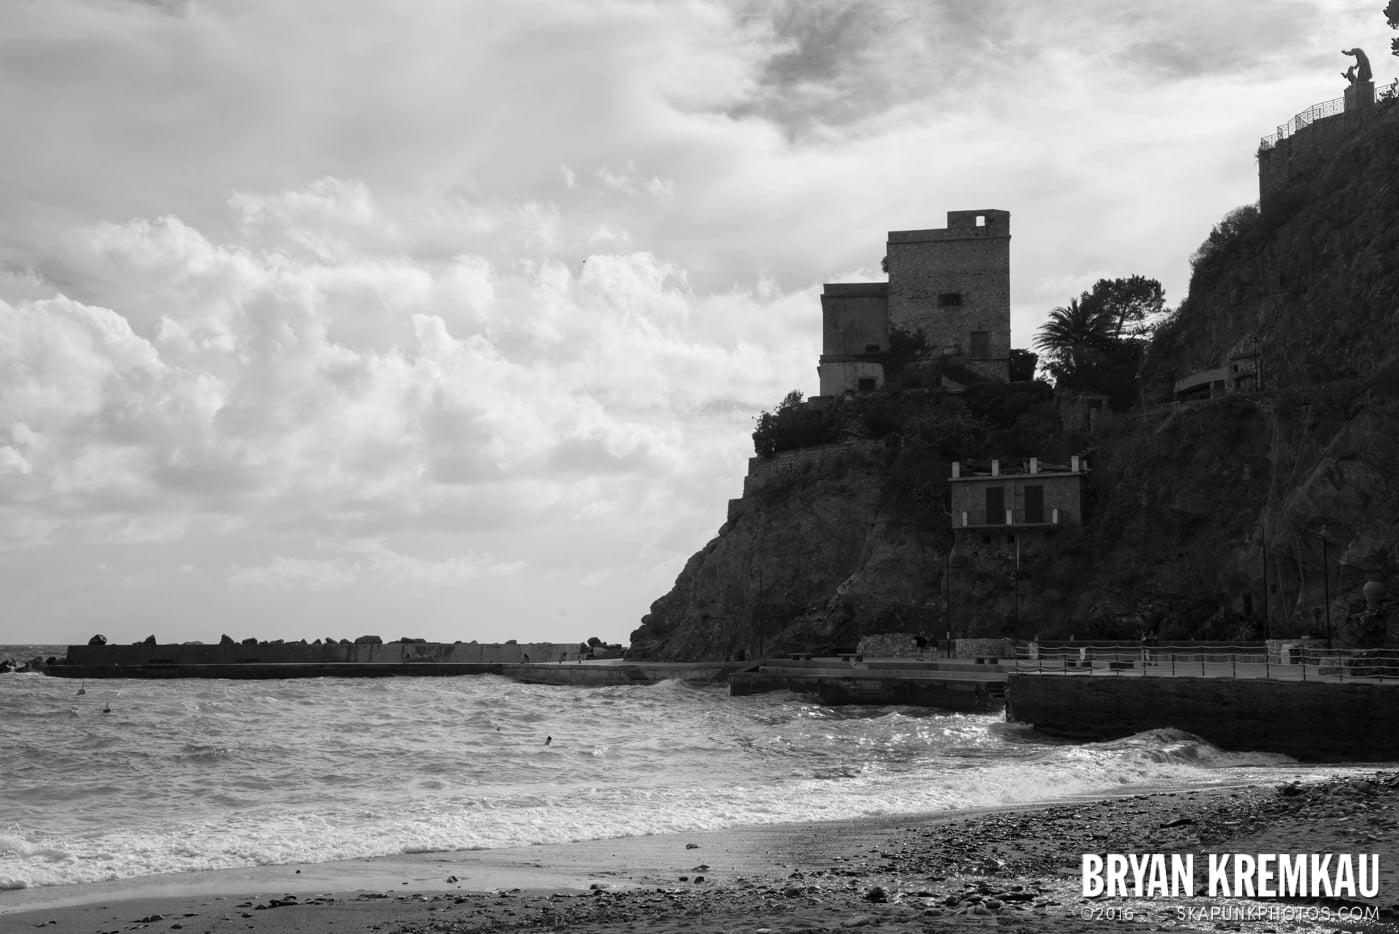 Italy Vacation - Day 10: Cinque Terre - 9.18.13 (14)